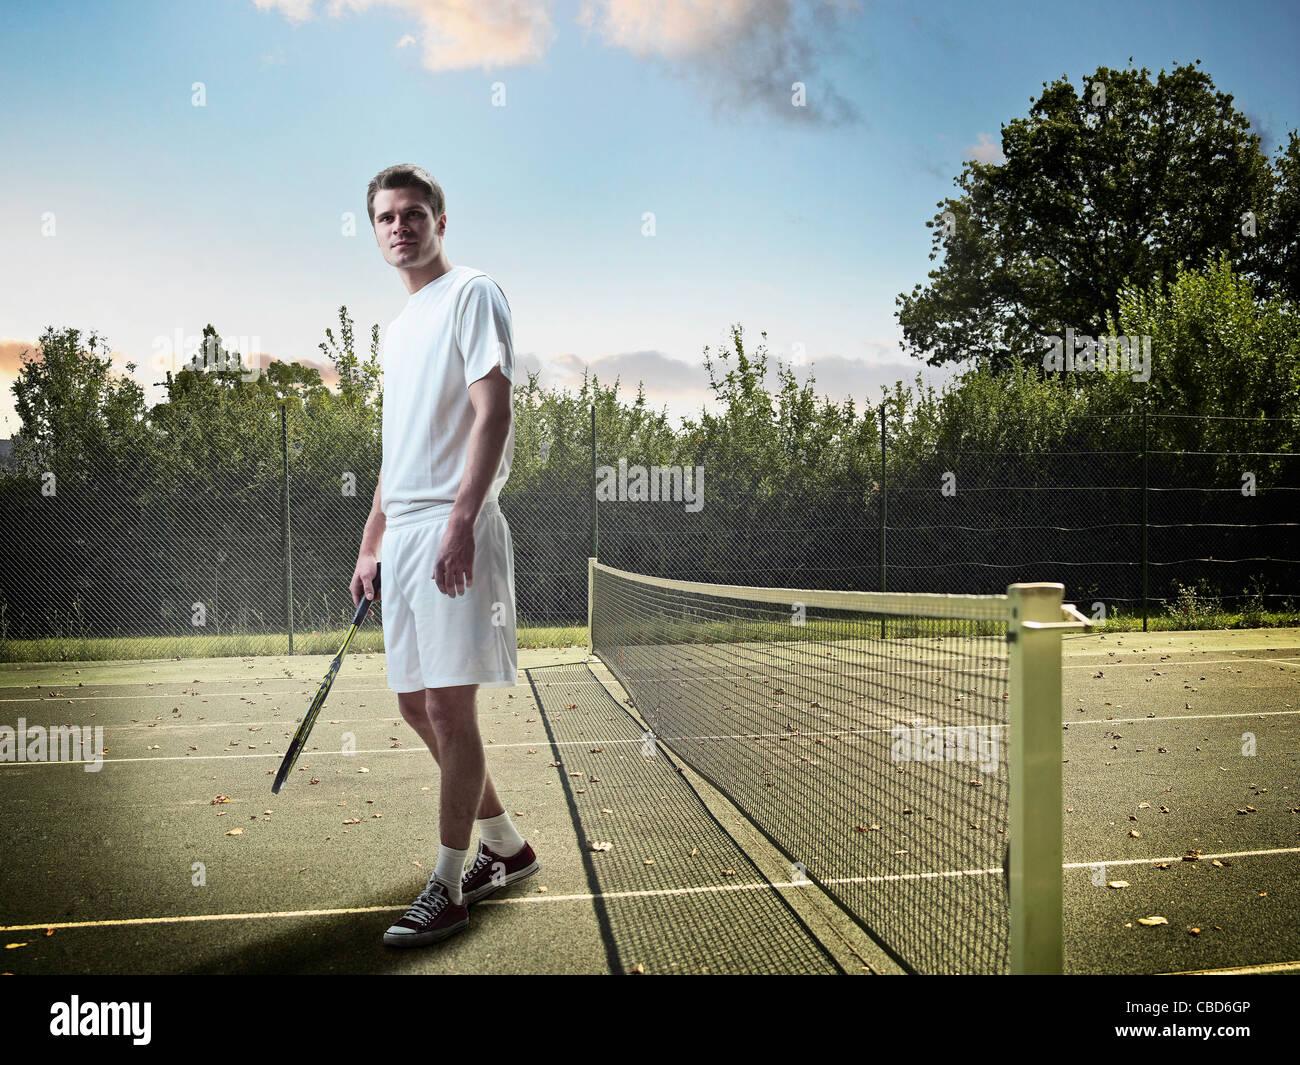 Homme debout sur un court de tennis Photo Stock